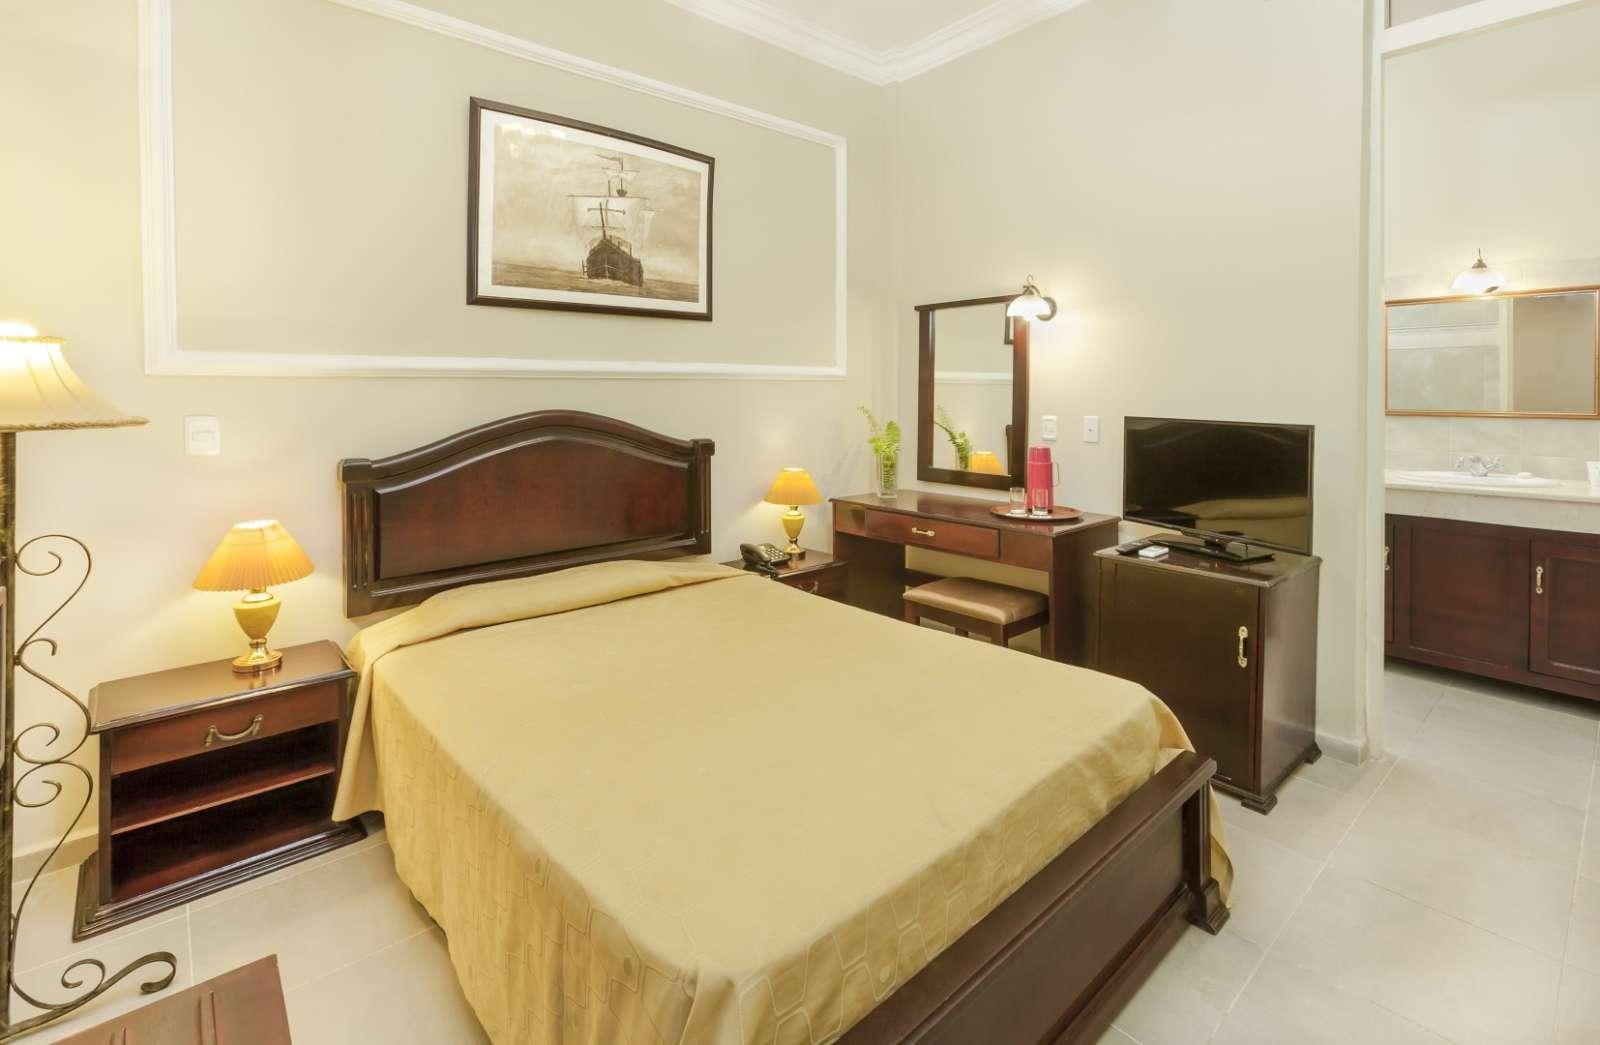 Bedroom at Melia Colon in Camaguey